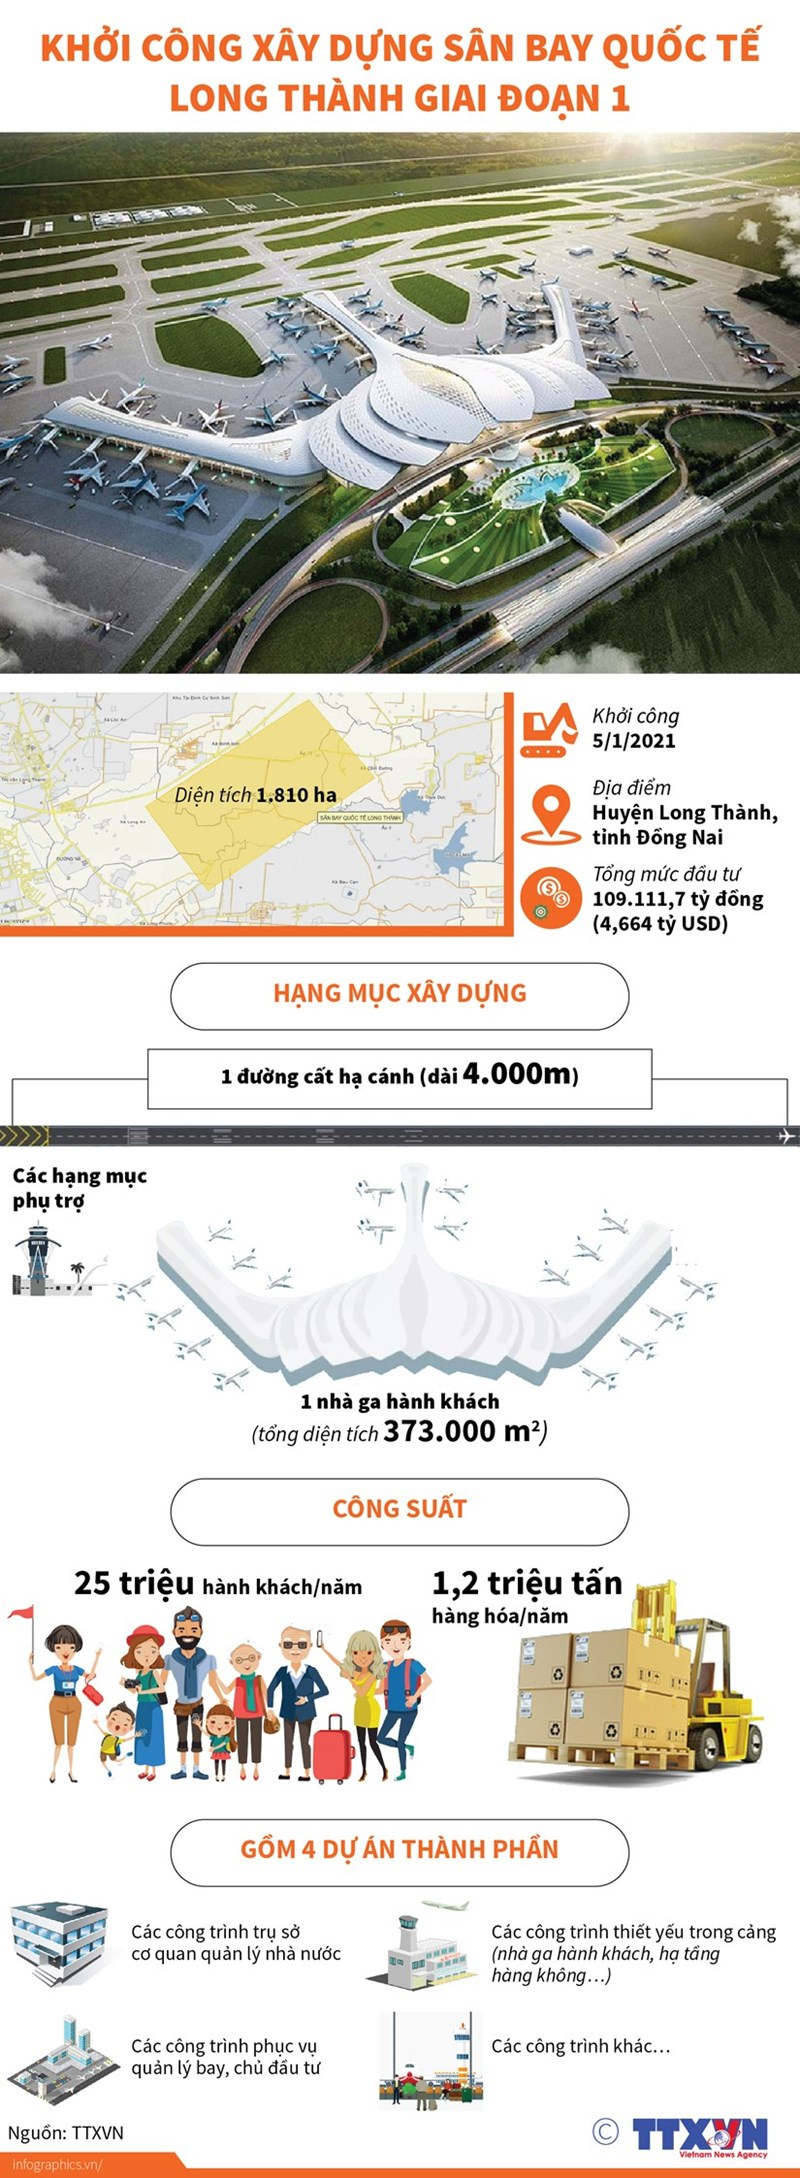 [Infographics] Khởi công xây dựng sân bay quốc tế Long Thành - Ảnh 1